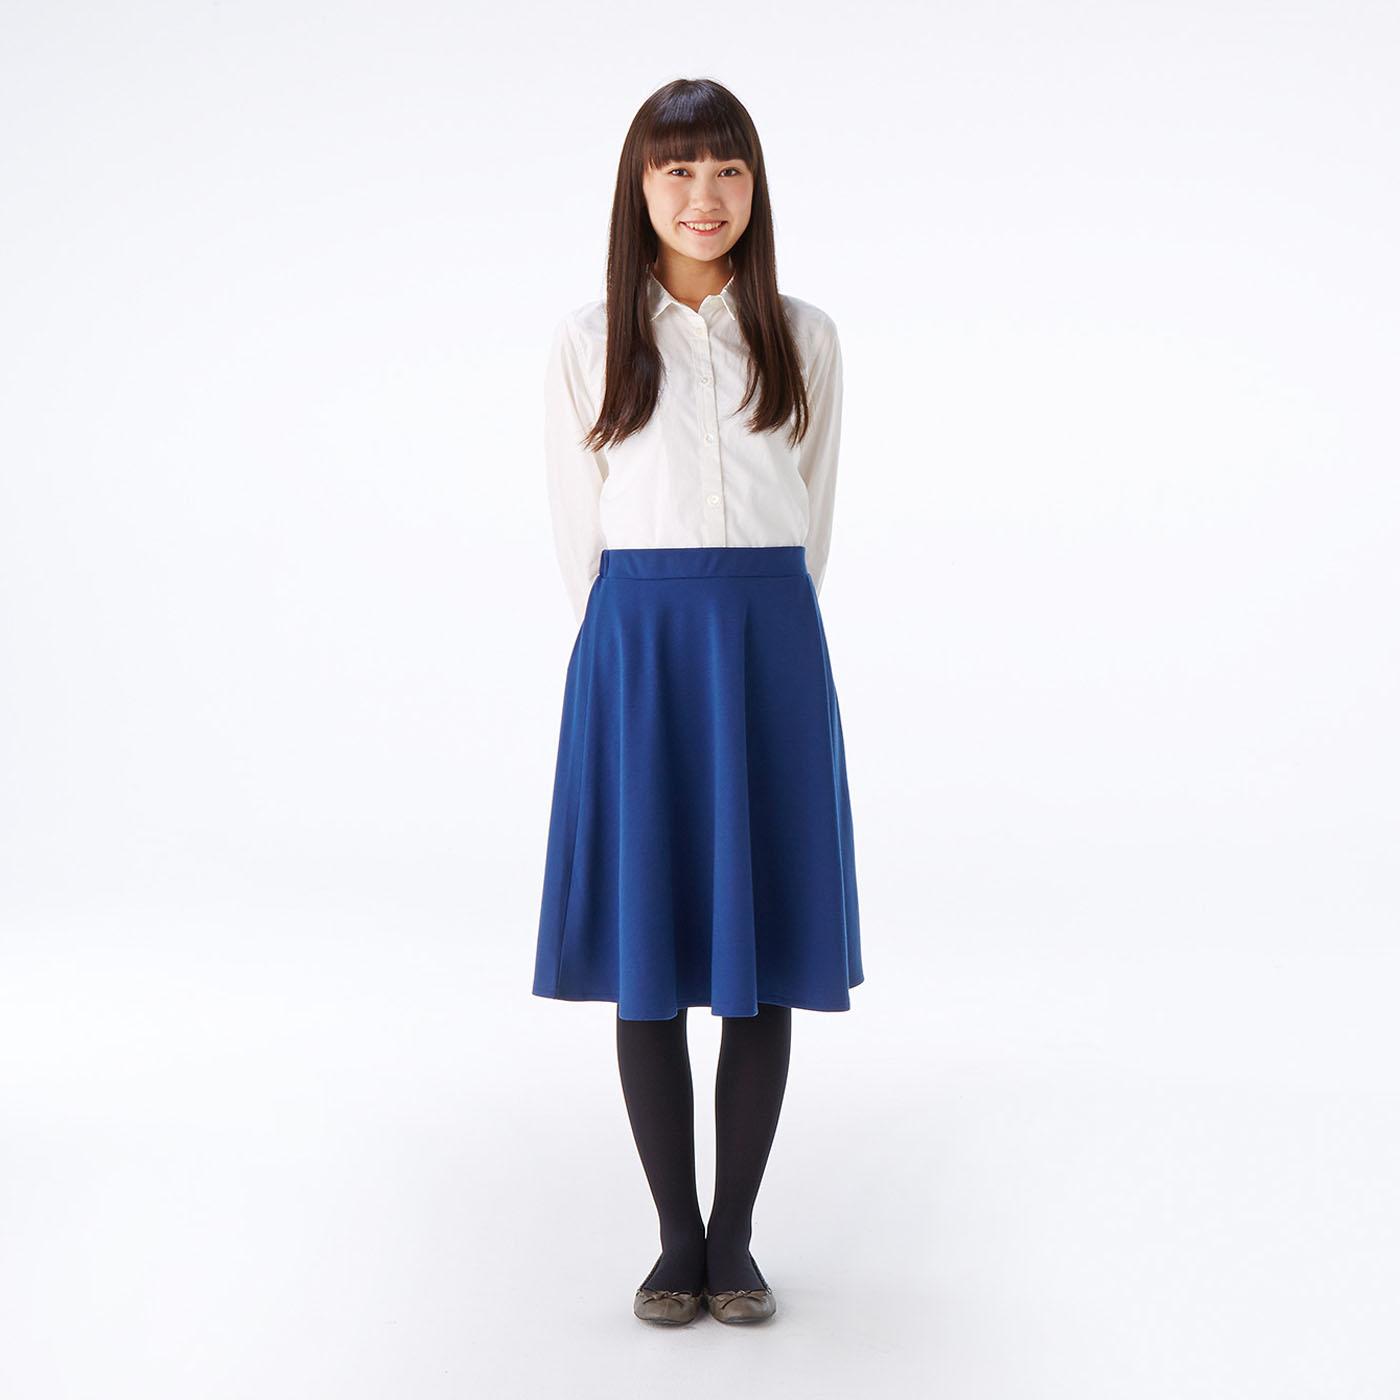 スカートはシャツとの相性も◎。